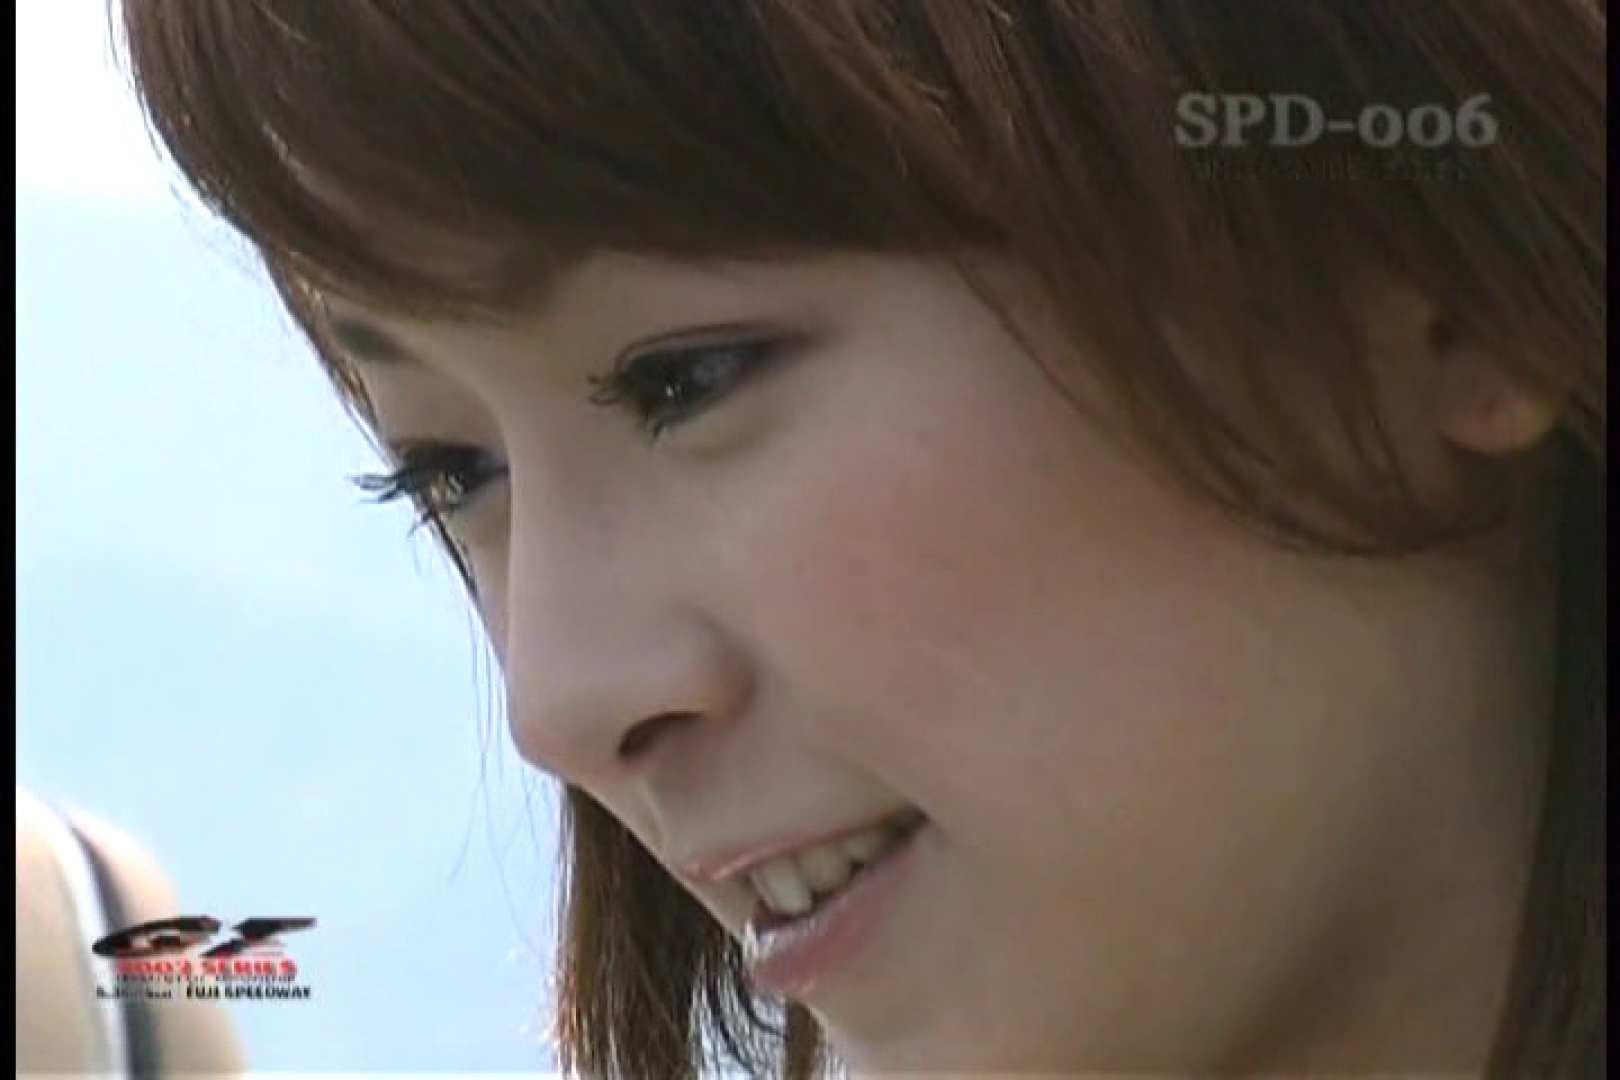 高画質版!SPD-006 サーキットの女神達 Vol.01 名作映像 セックス無修正動画無料 80PIX 56